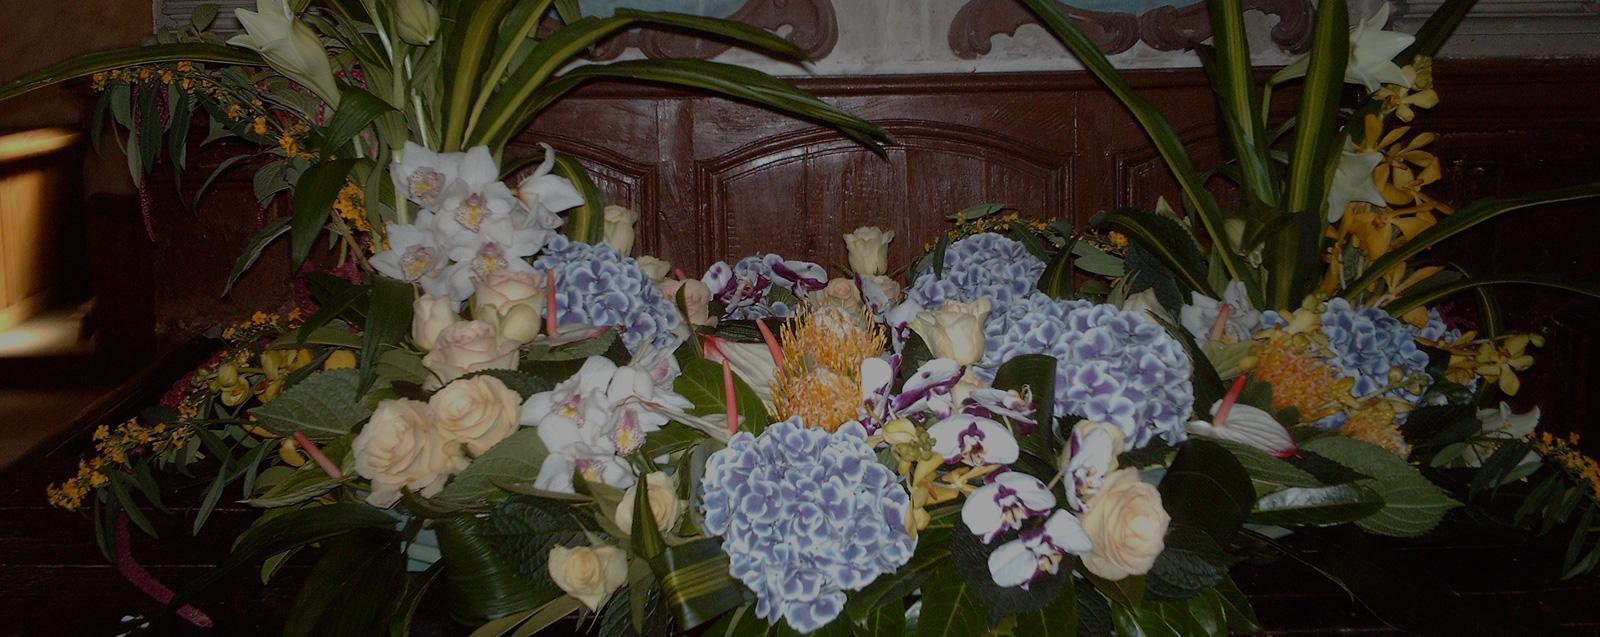 livraison de fleurs sens au cyclamen. Black Bedroom Furniture Sets. Home Design Ideas